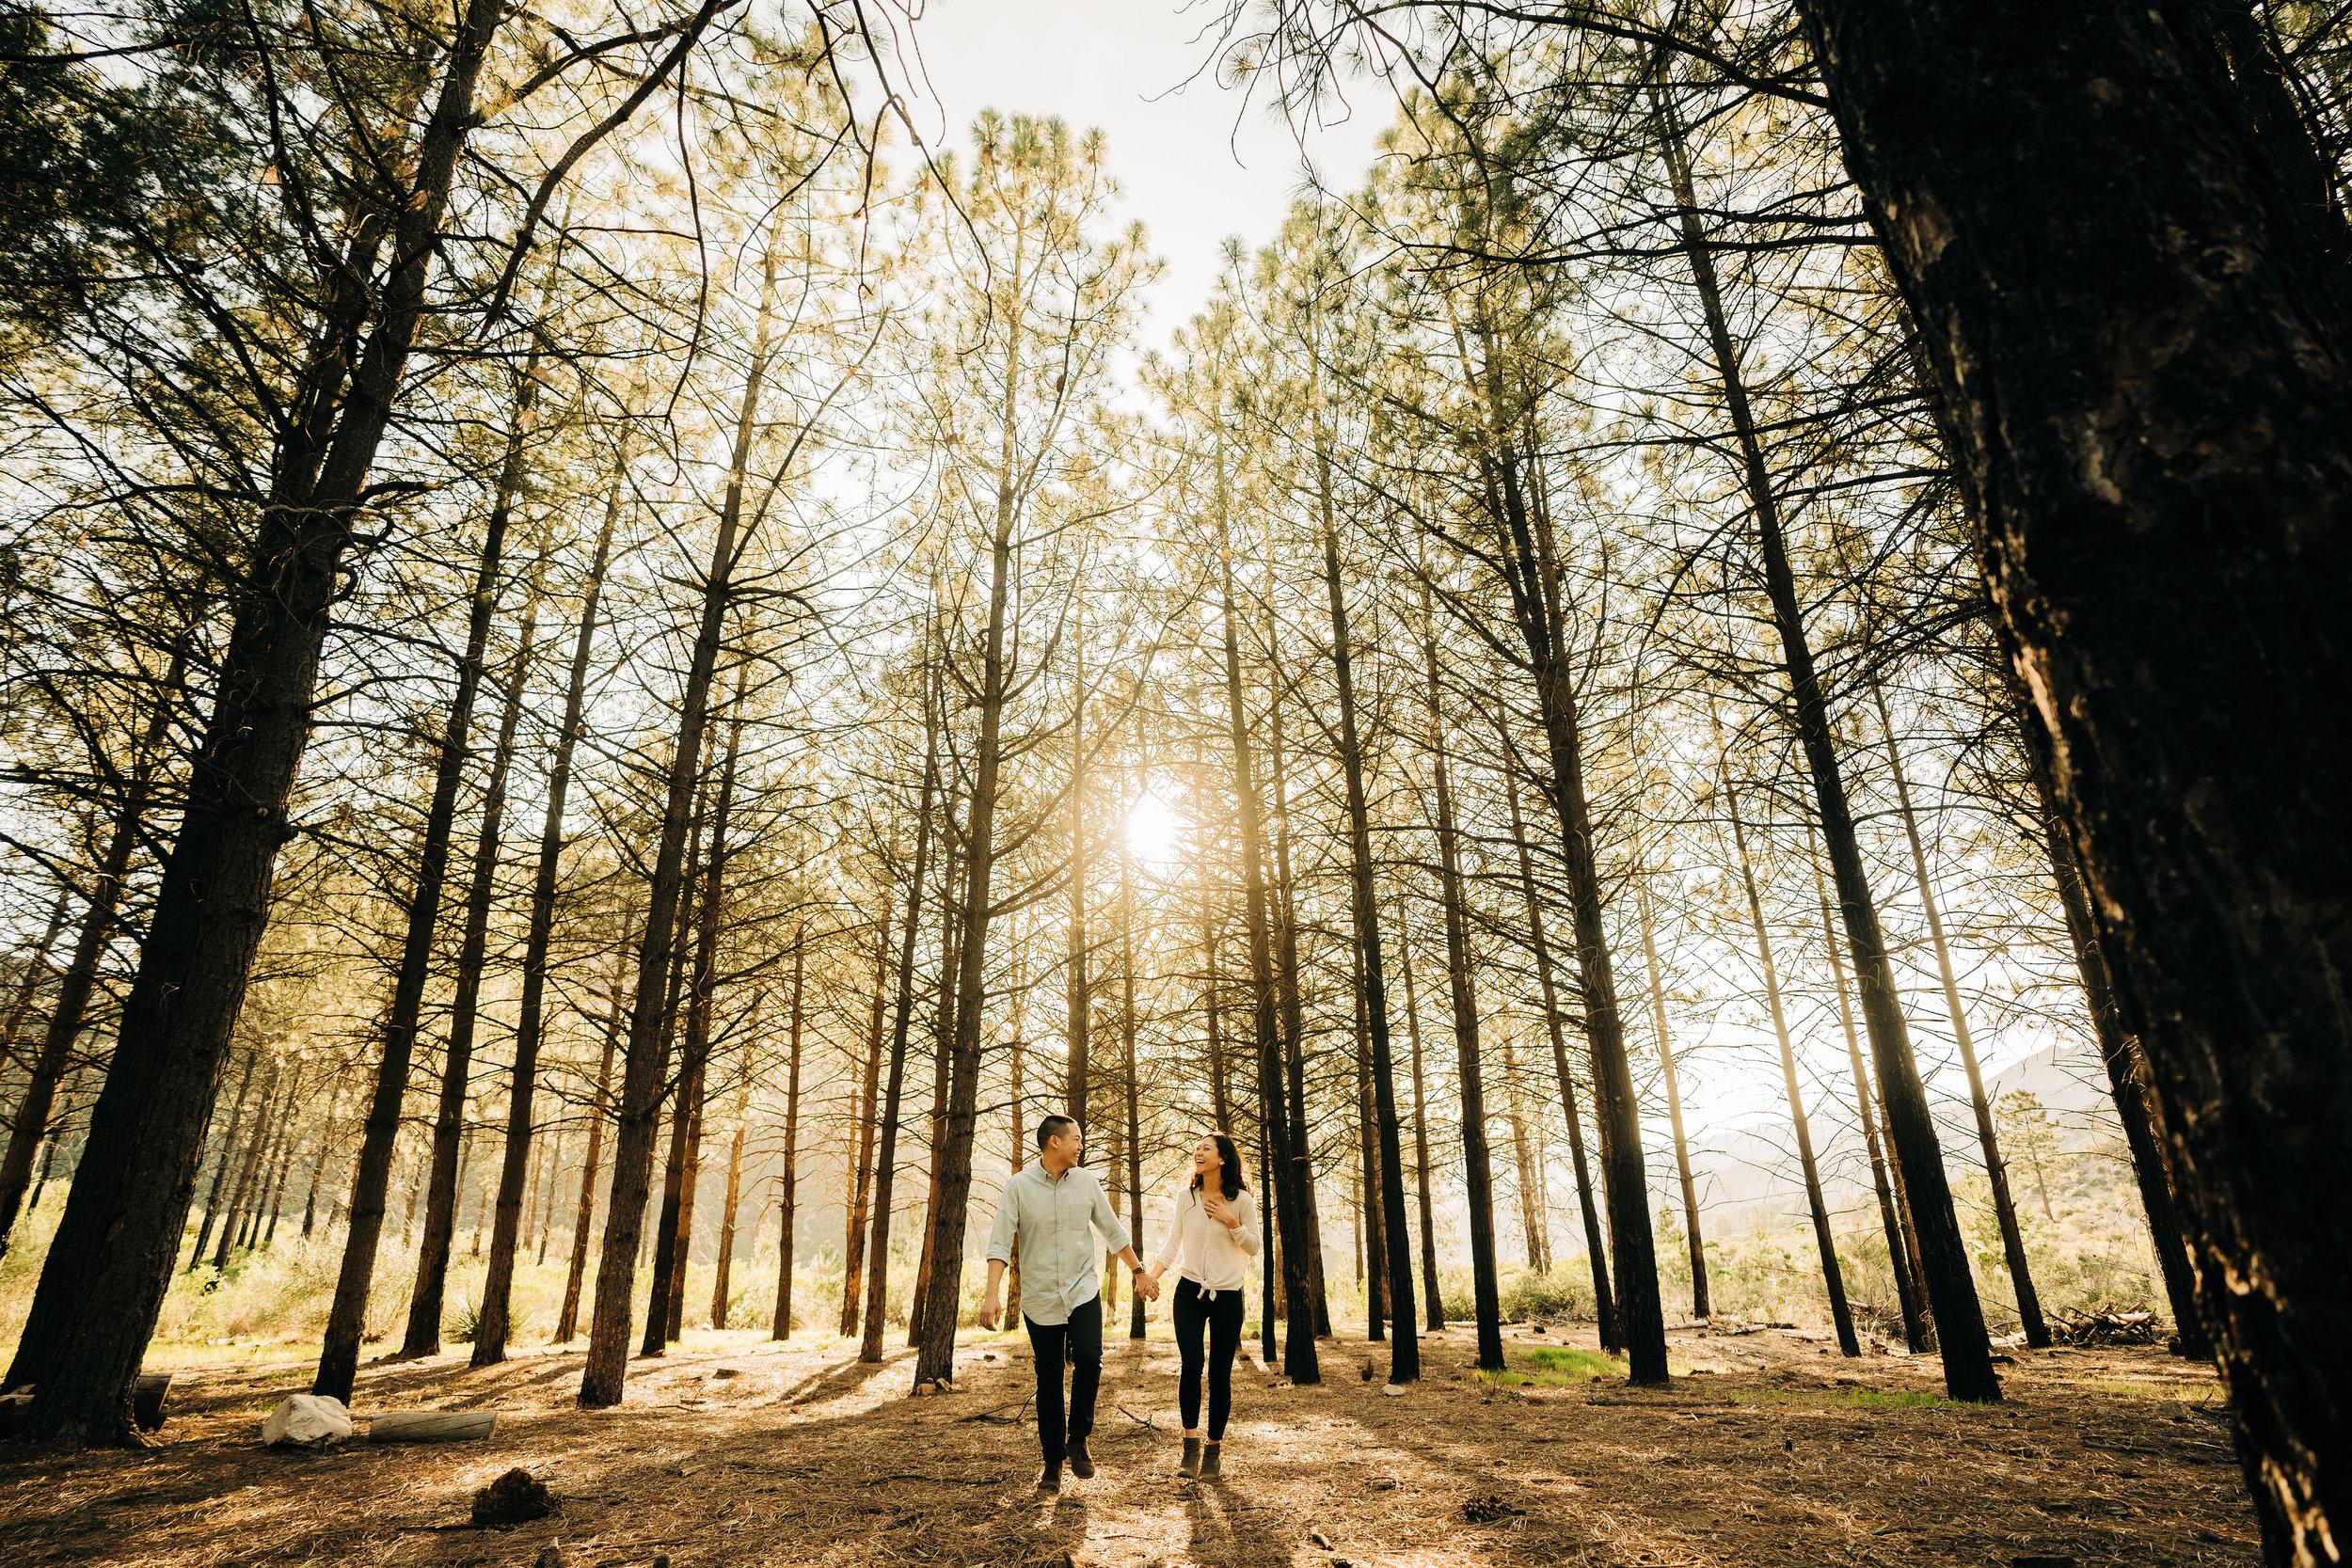 la-forest-engagement-photos-047.jpg